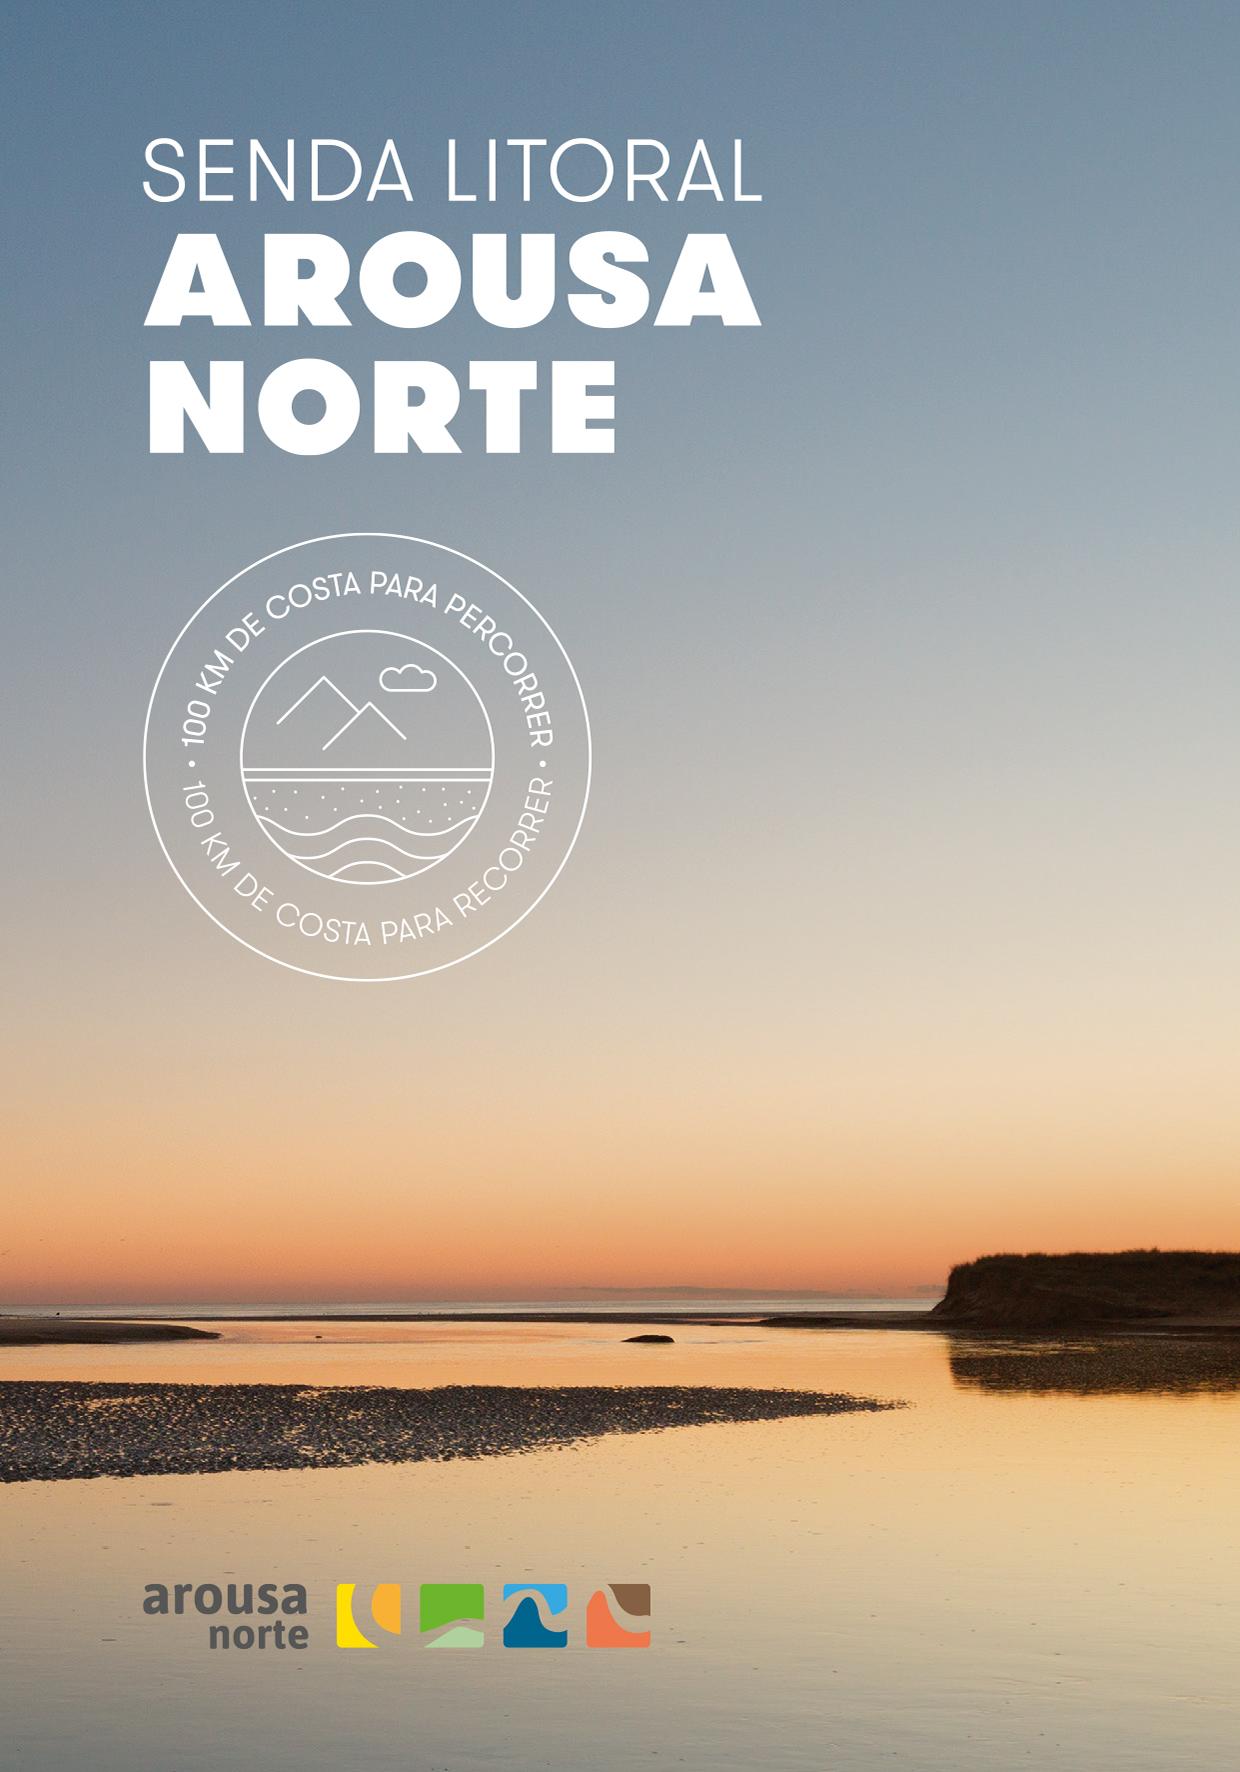 Senda Litoral Arousa Norte - guía